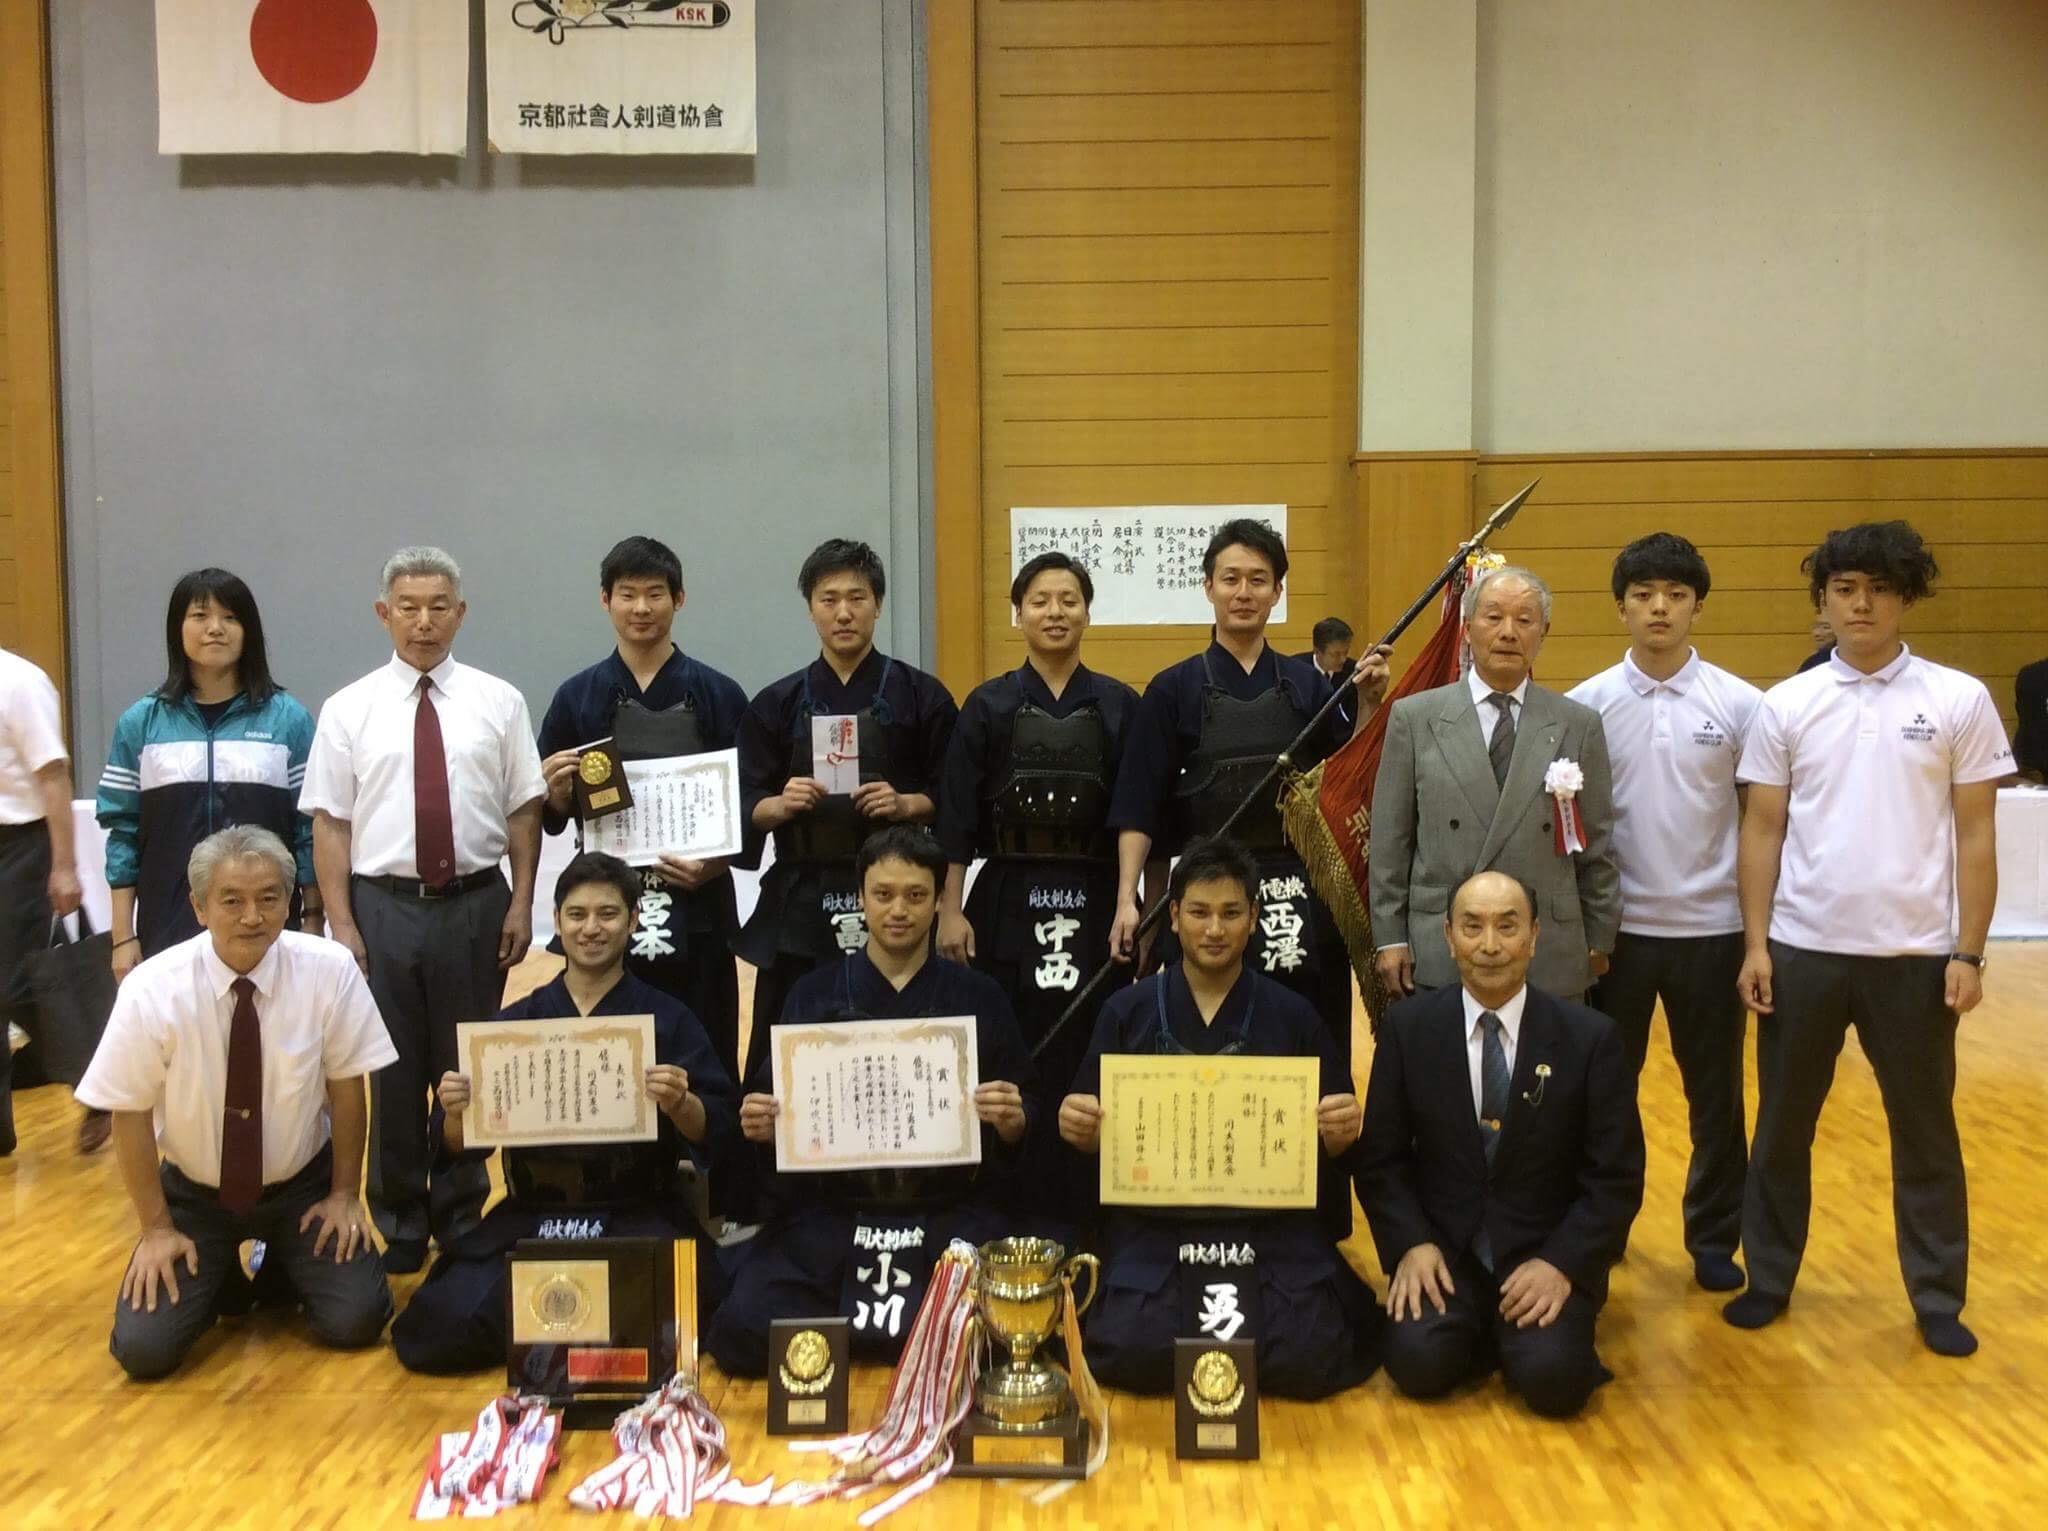 【結果報告】2017年京都社会人剣道大会